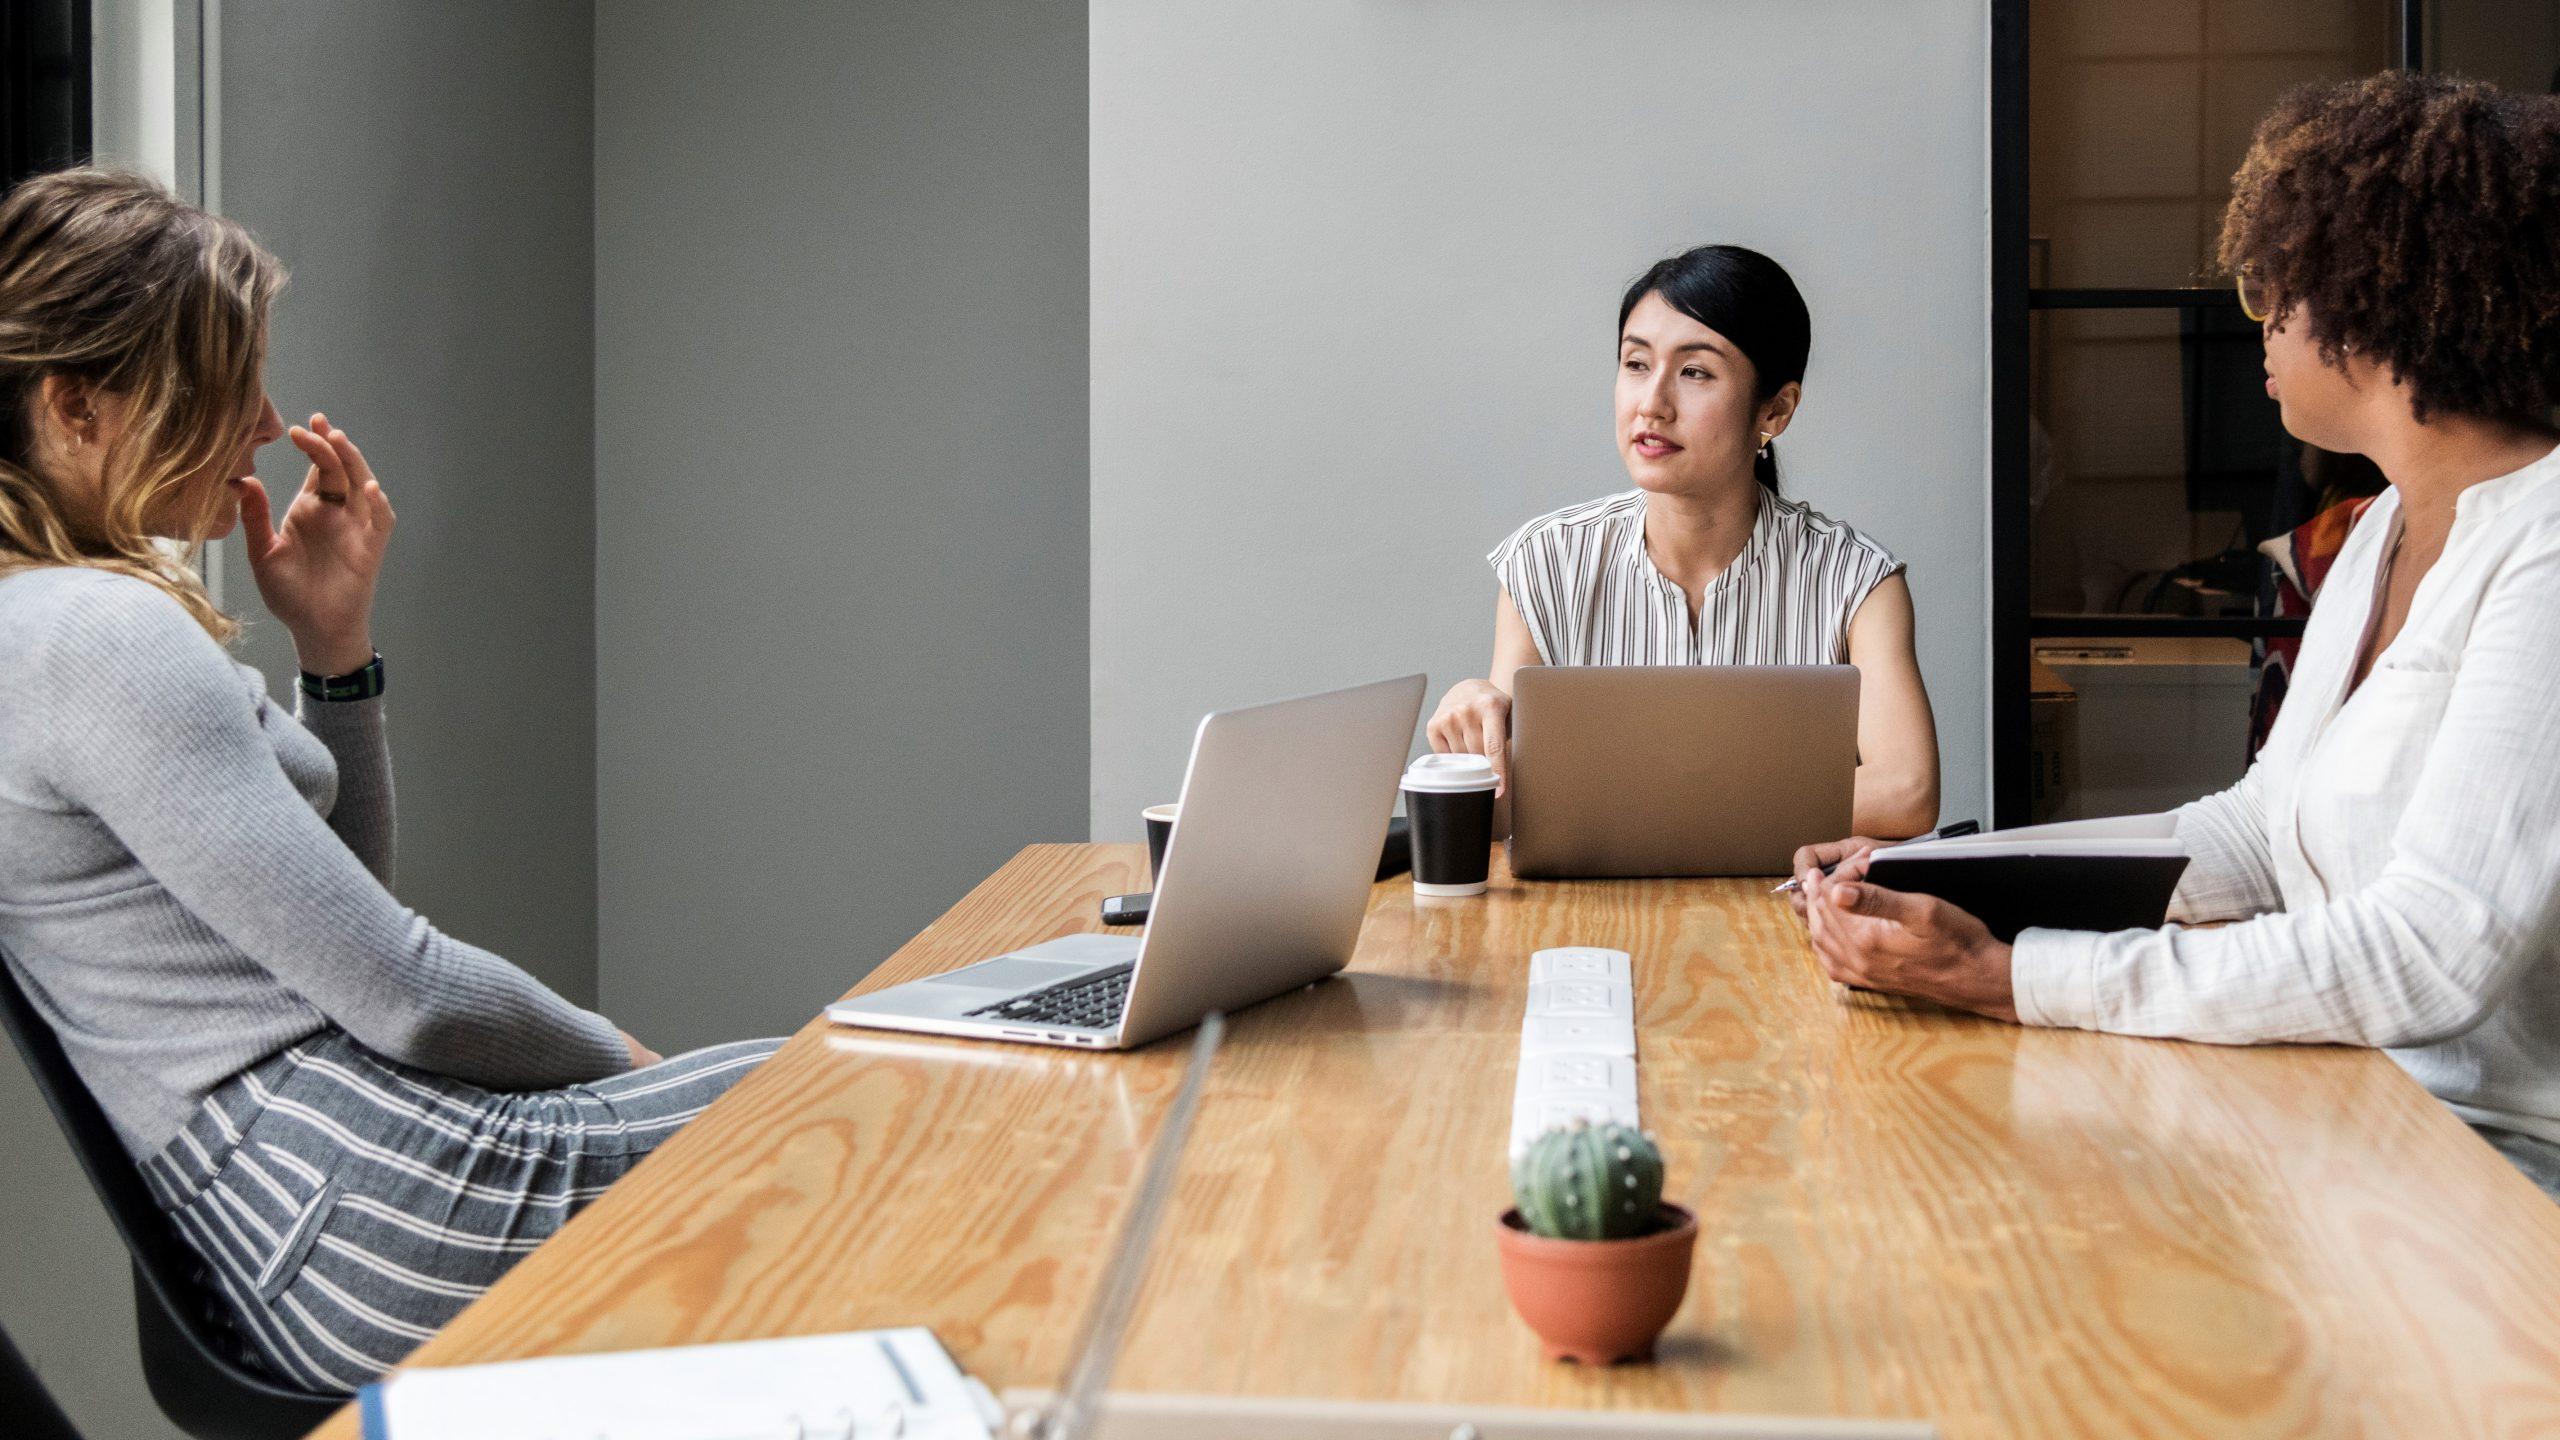 Giao tiếp là một cuộc đối thoại hai chiều và người quản lý nên chuẩn bị để lắng nghe các quan điểm từ nhân viên